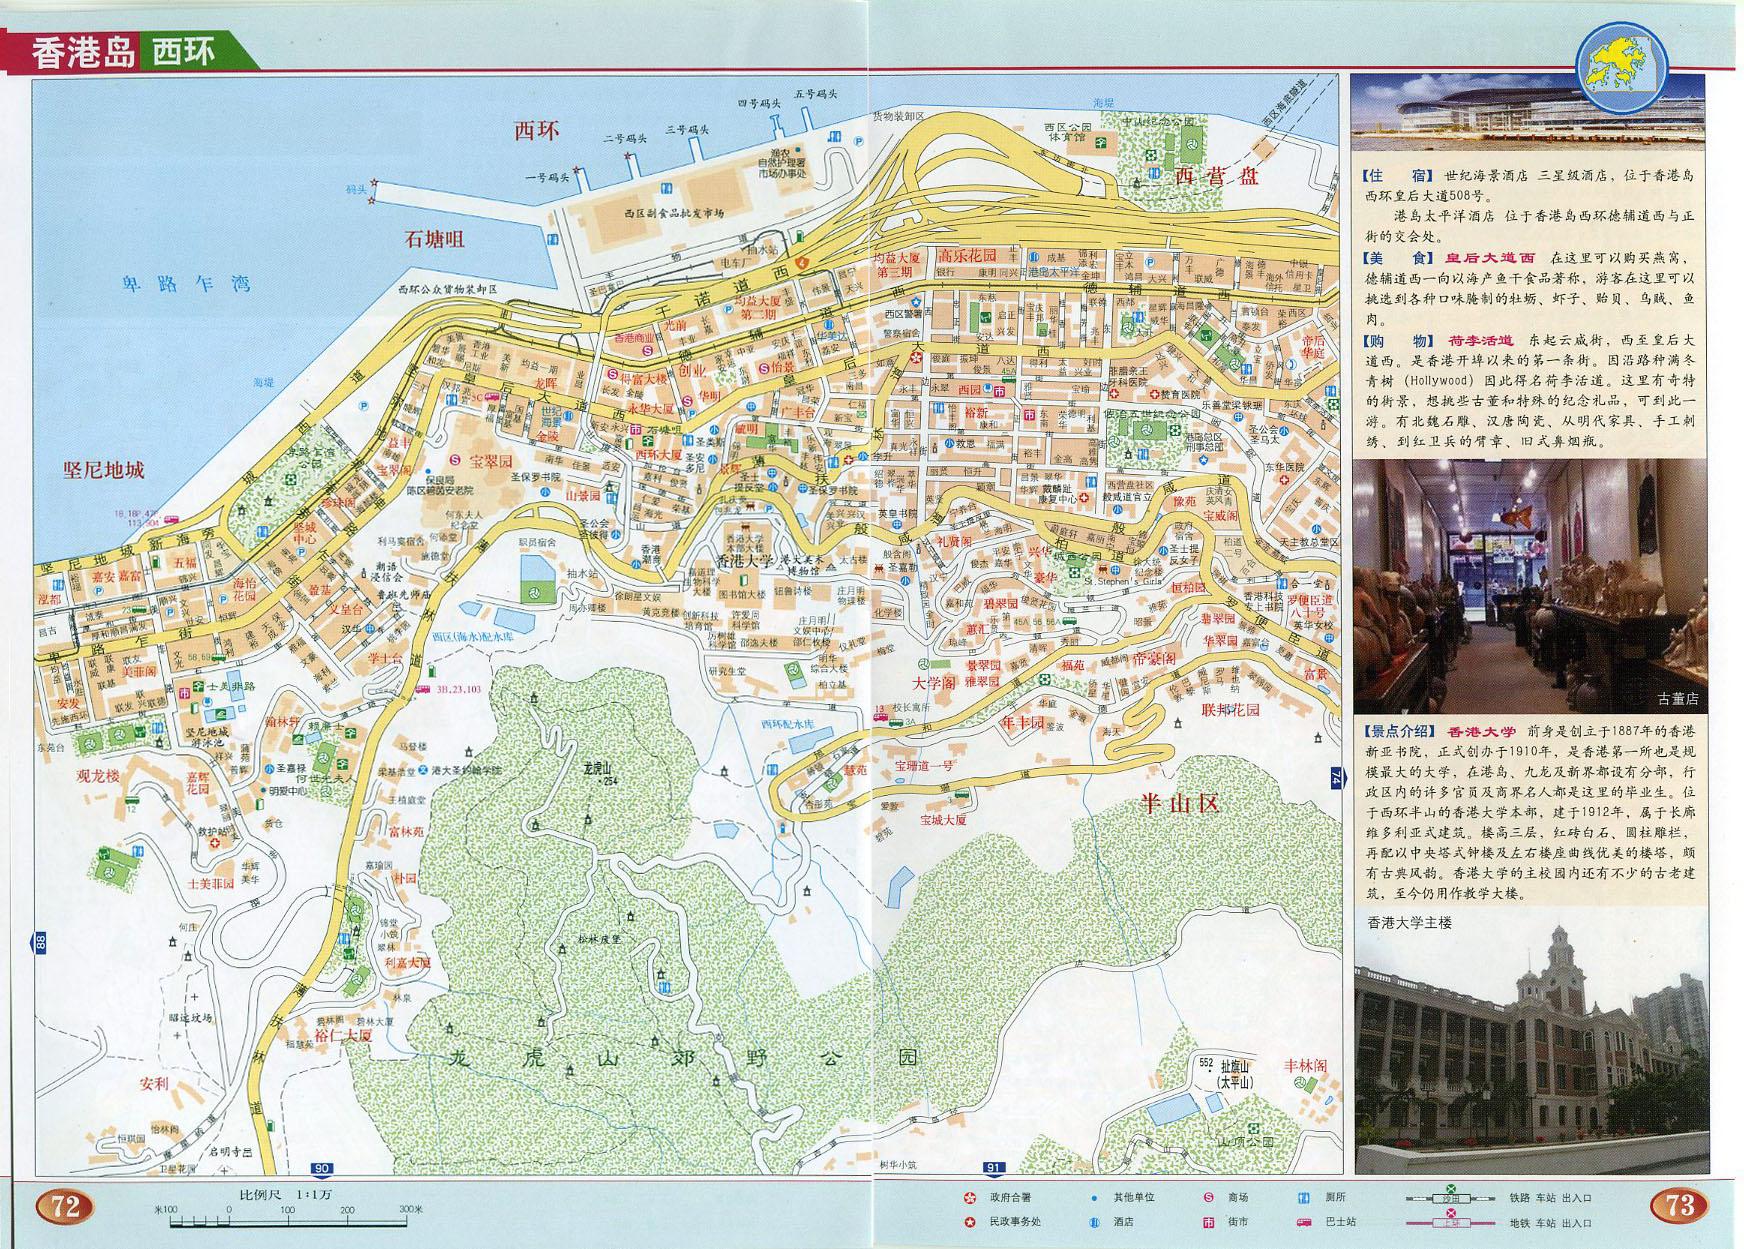 香港岛 西环地图高清版